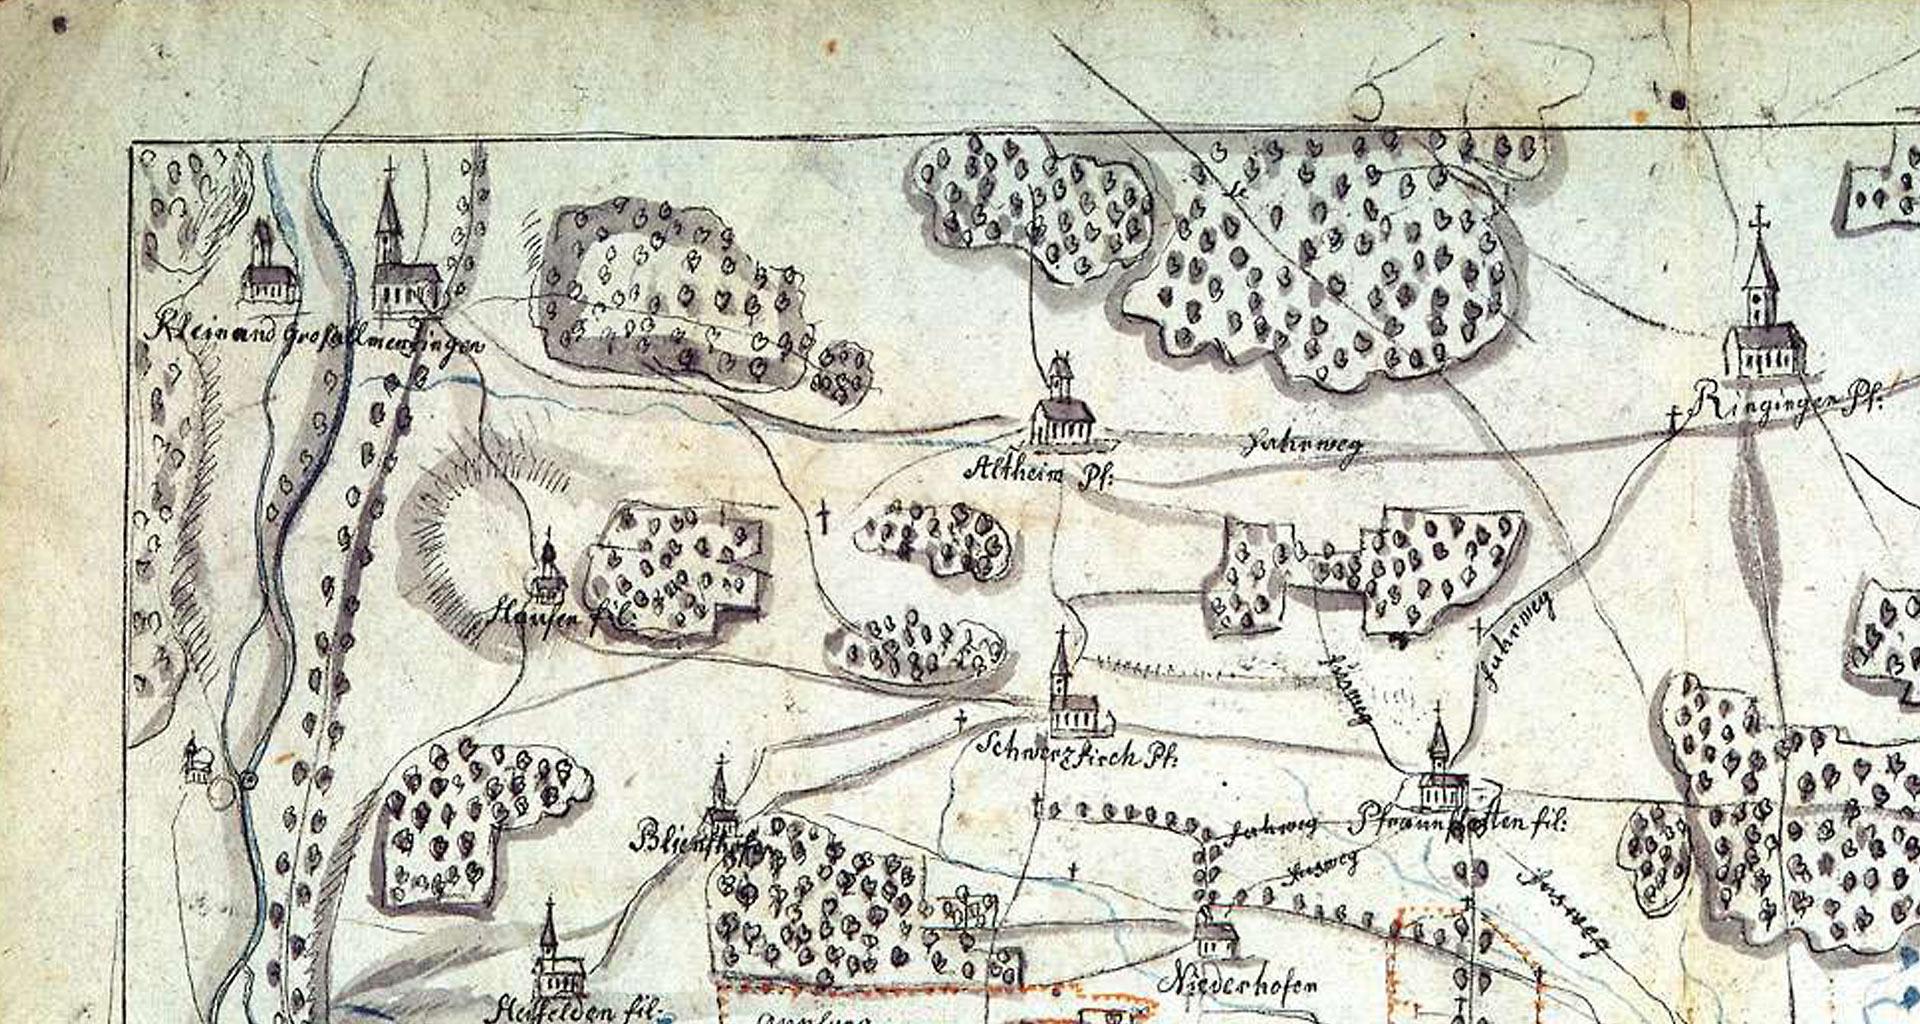 Landesarchiv alte Karte